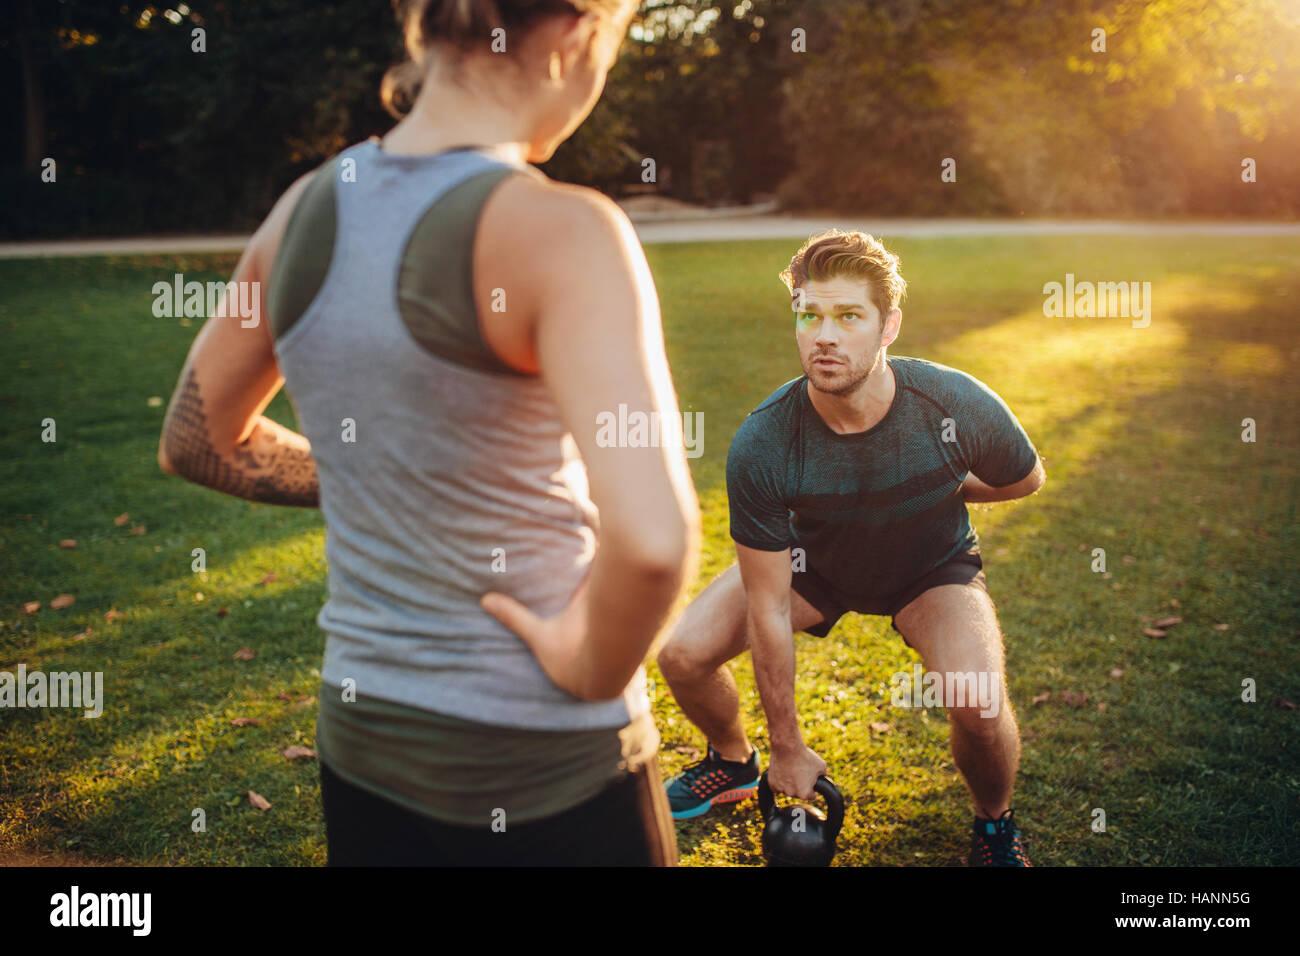 Entrenador femenino hombre rectores ejerciendo con kettlebell en estacionamiento. Entrenador personal con un hombre Imagen De Stock